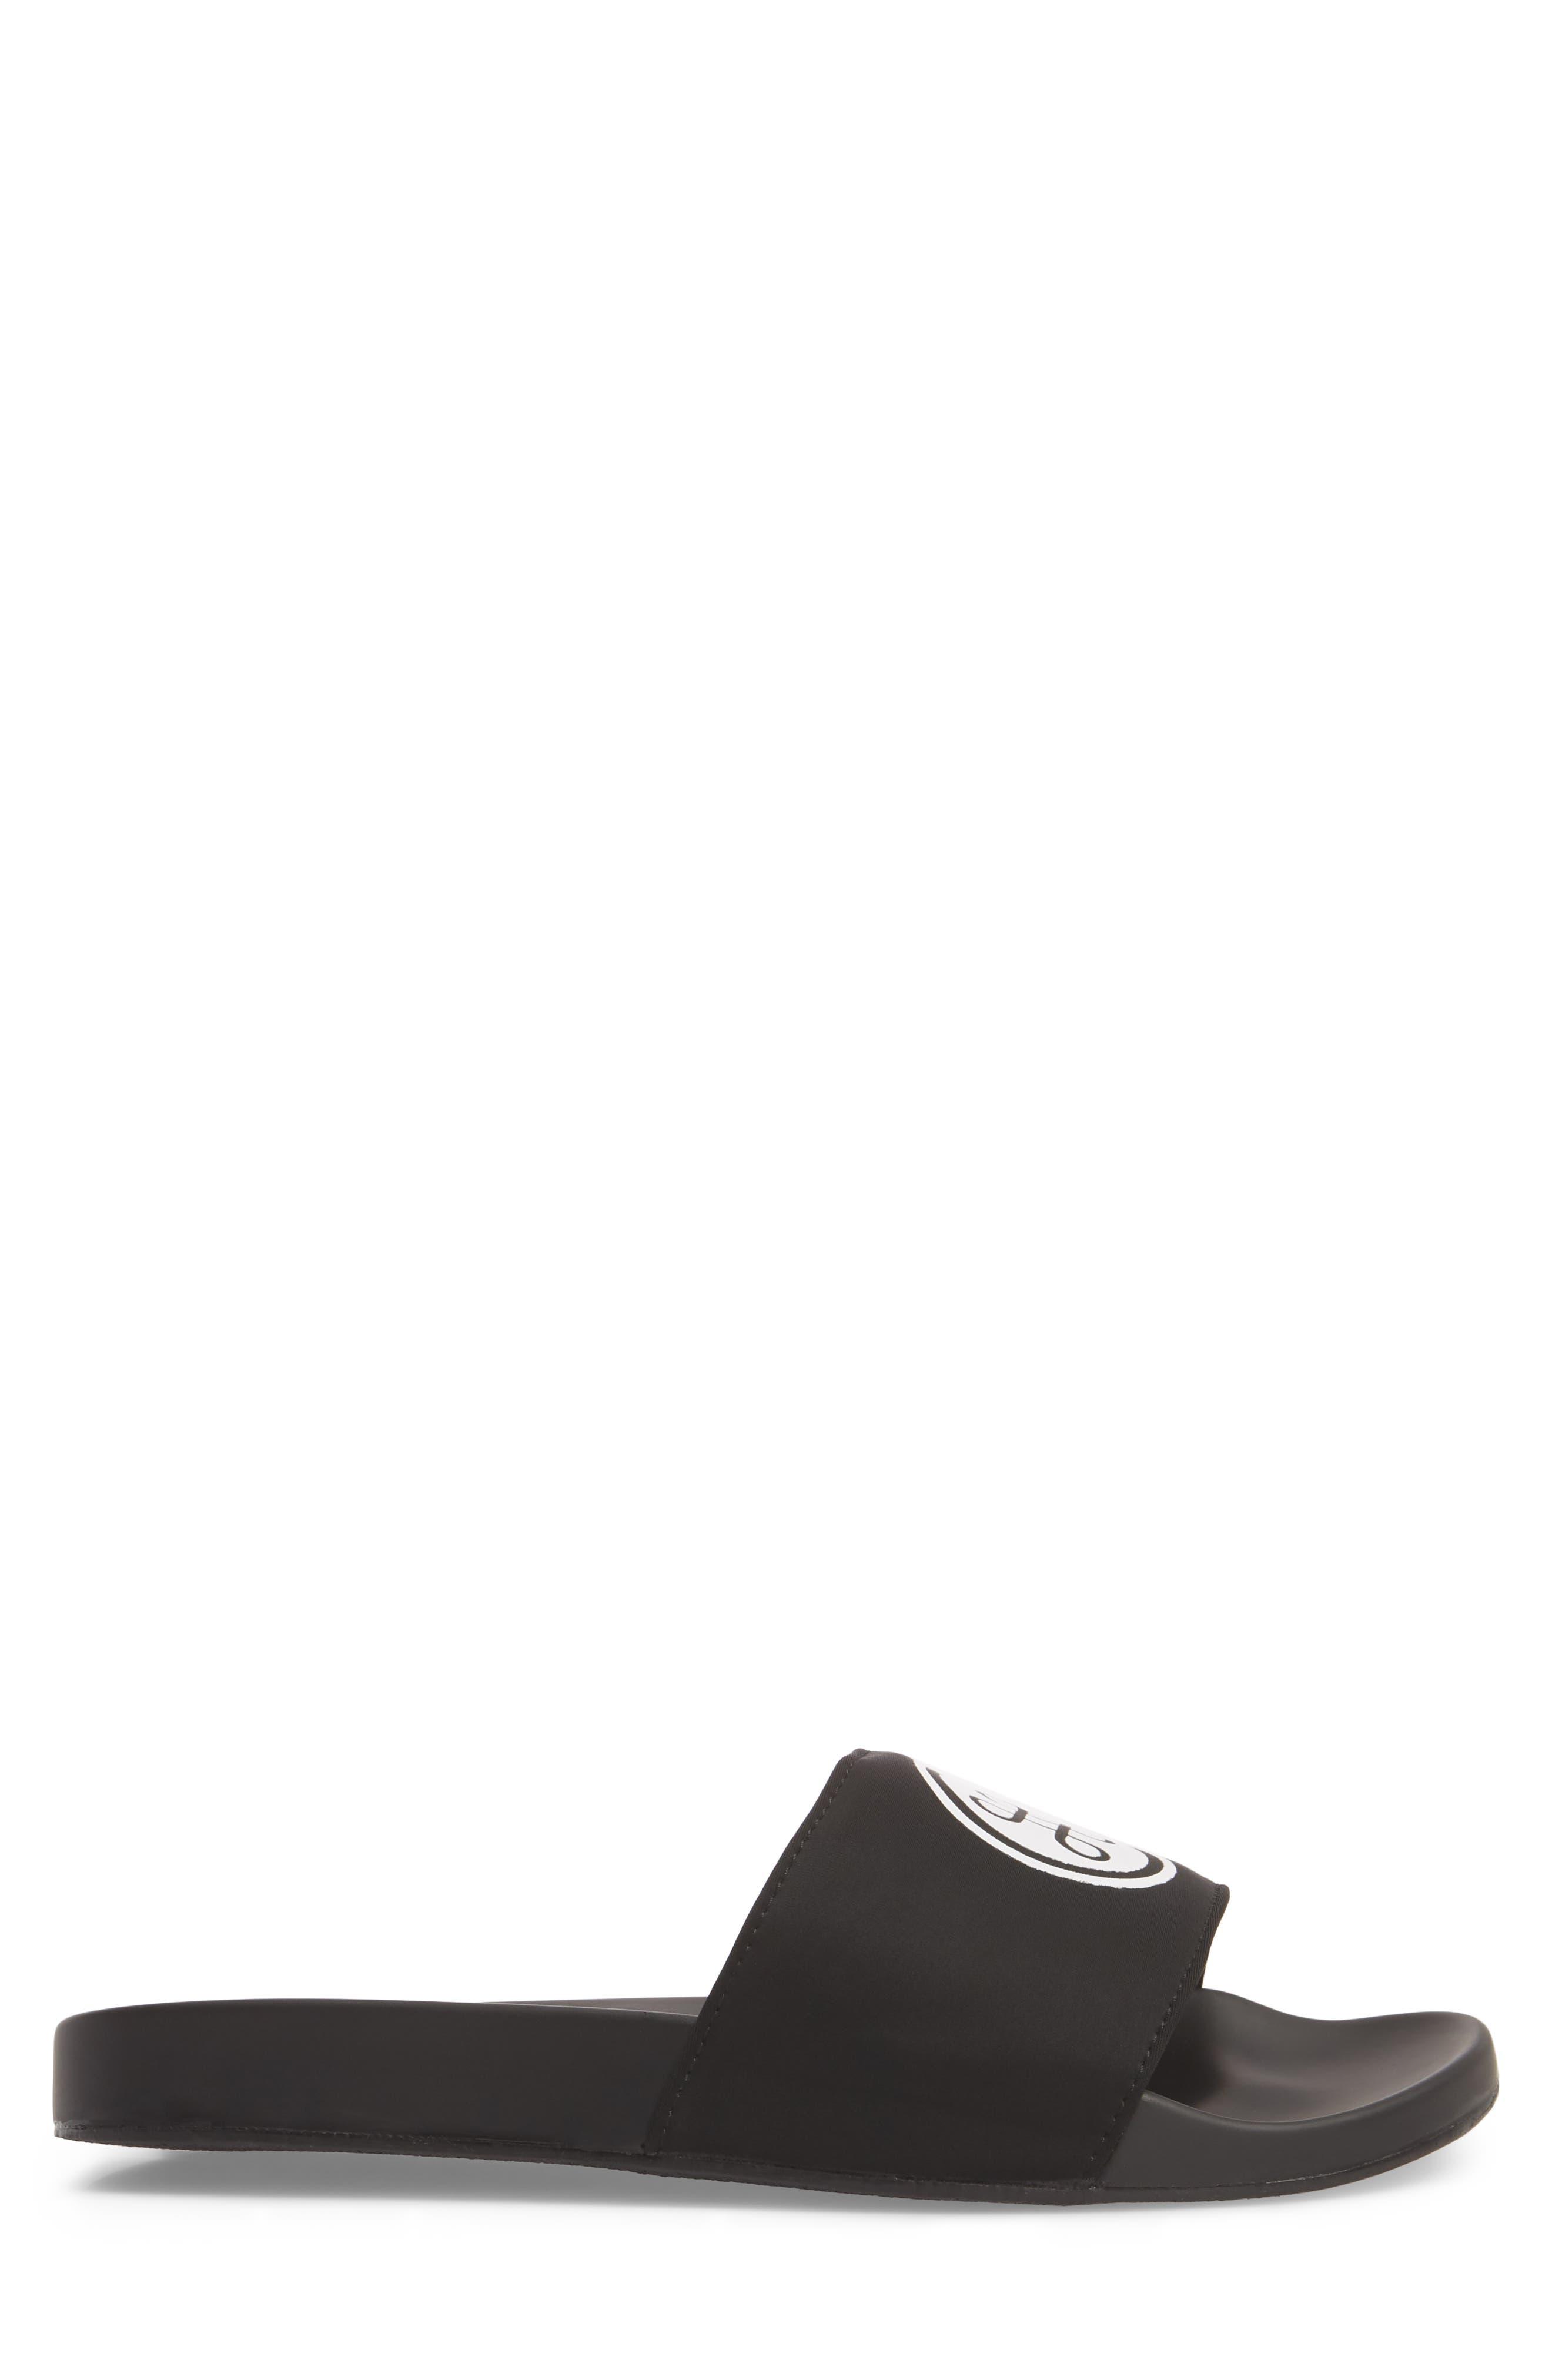 HB Logo Sport Slide,                             Alternate thumbnail 3, color,                             Black Neoprene Fabric